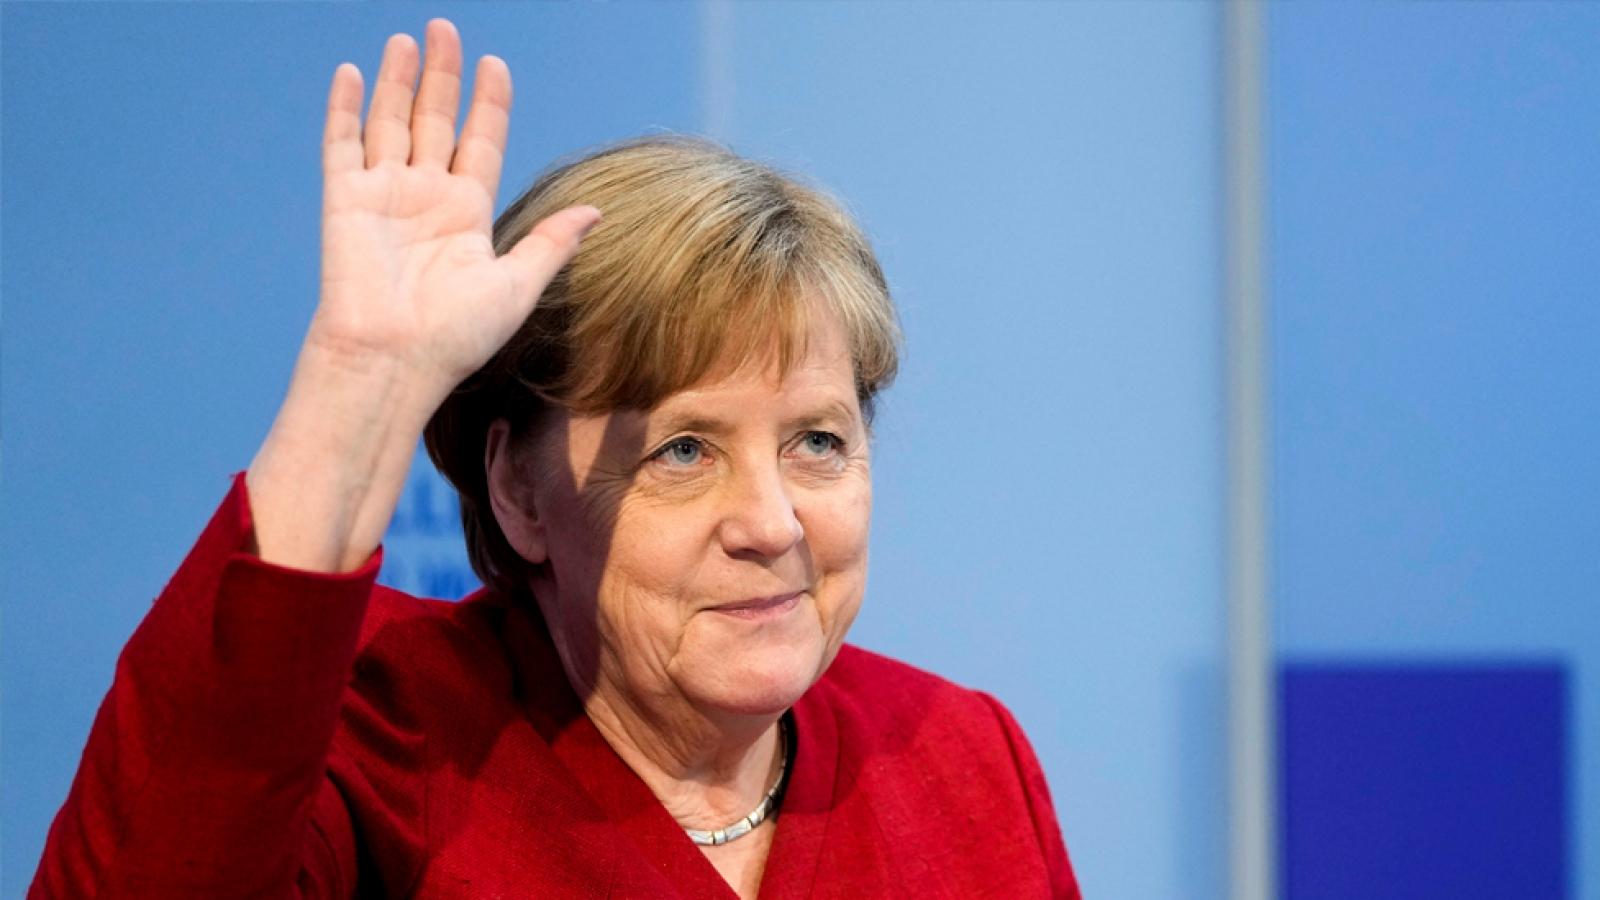 Tình cảm của người dân Đức và châu Âu với Thủ tướng Merkel: Đã đến lúc nói lời tạm biệt